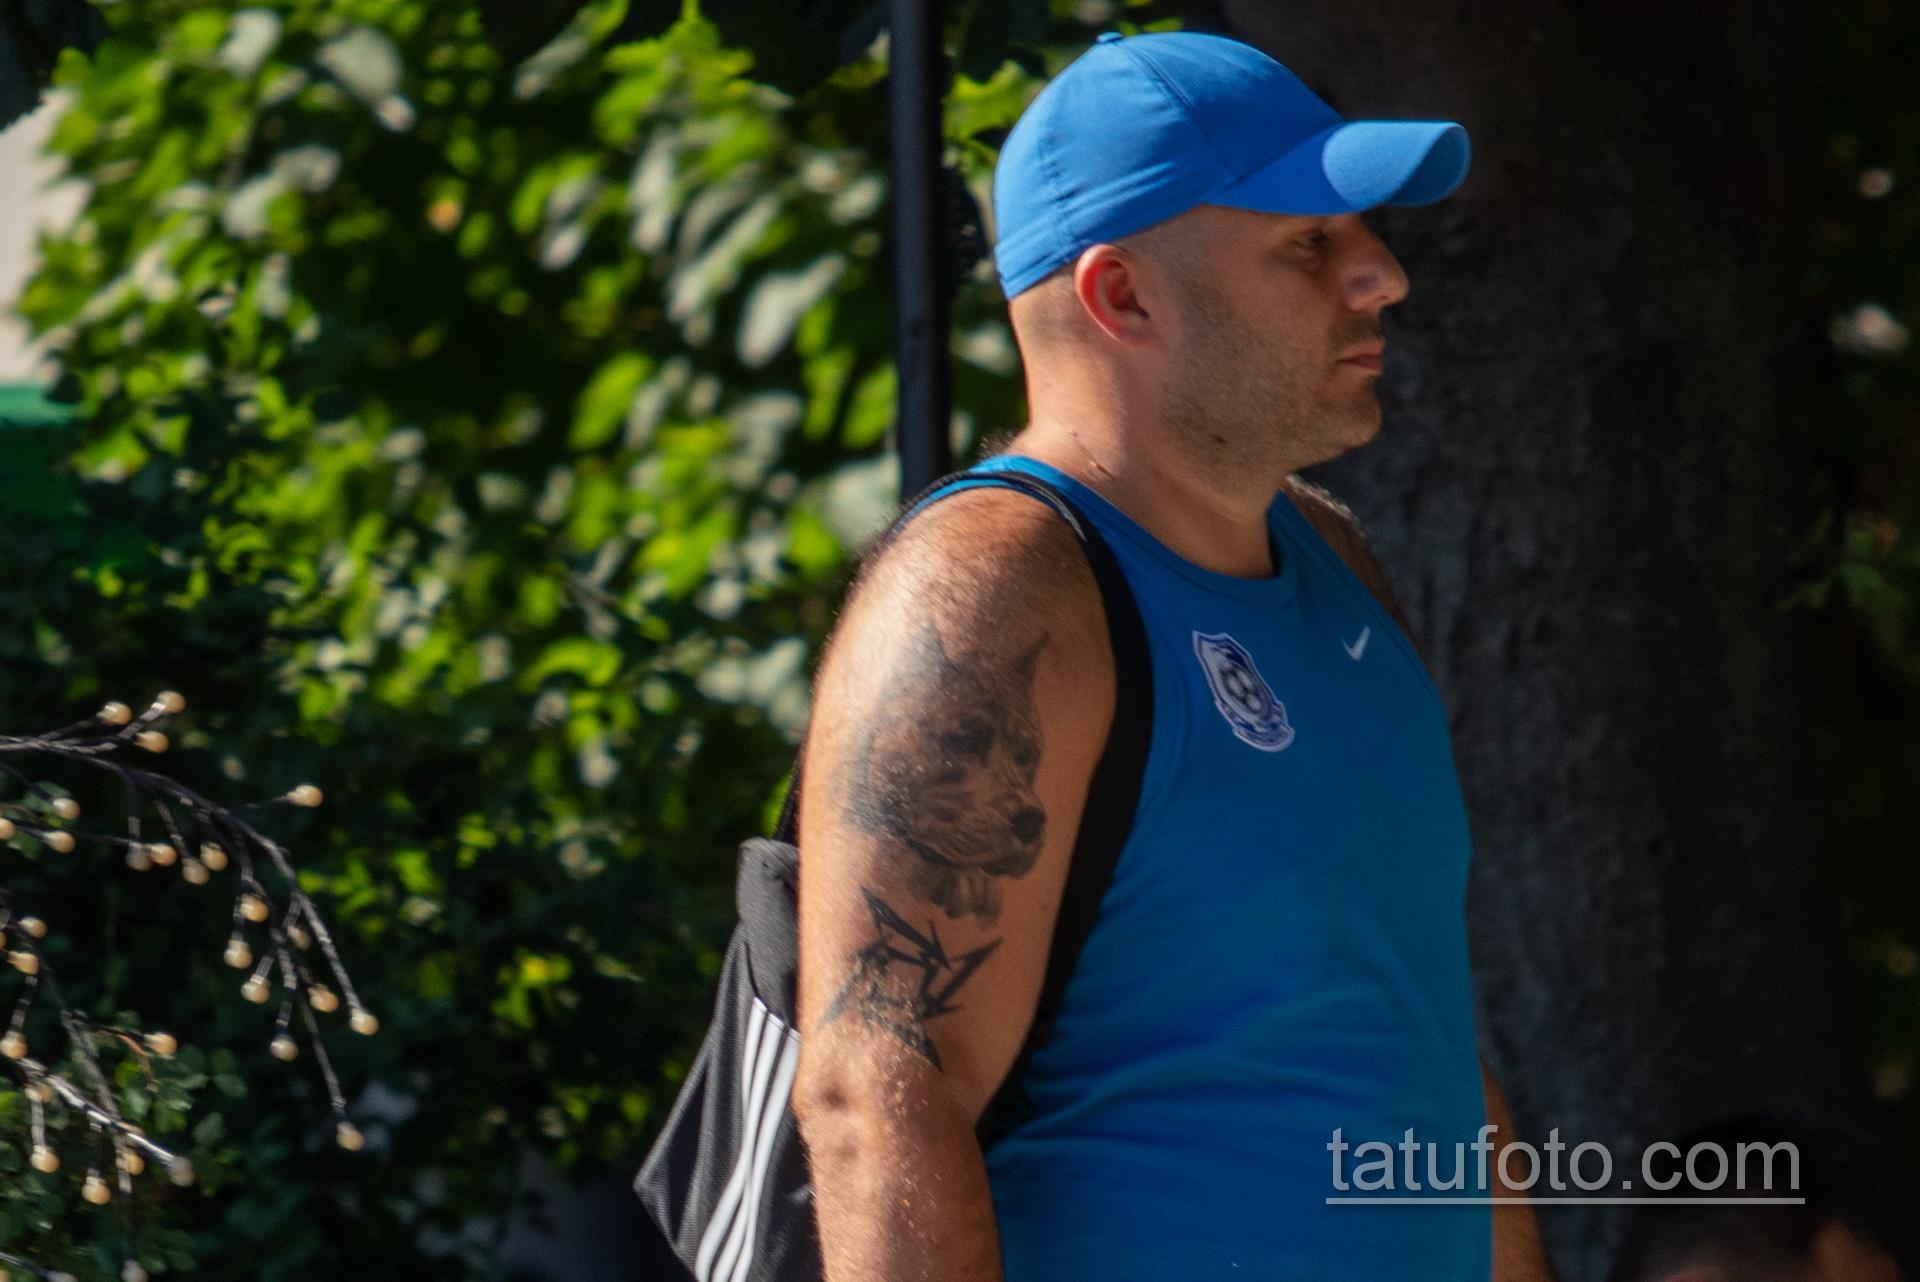 Тату с мордой Пита на правом плече мужчины – Уличная татуировка 14.09.2020 – tatufoto.com 6